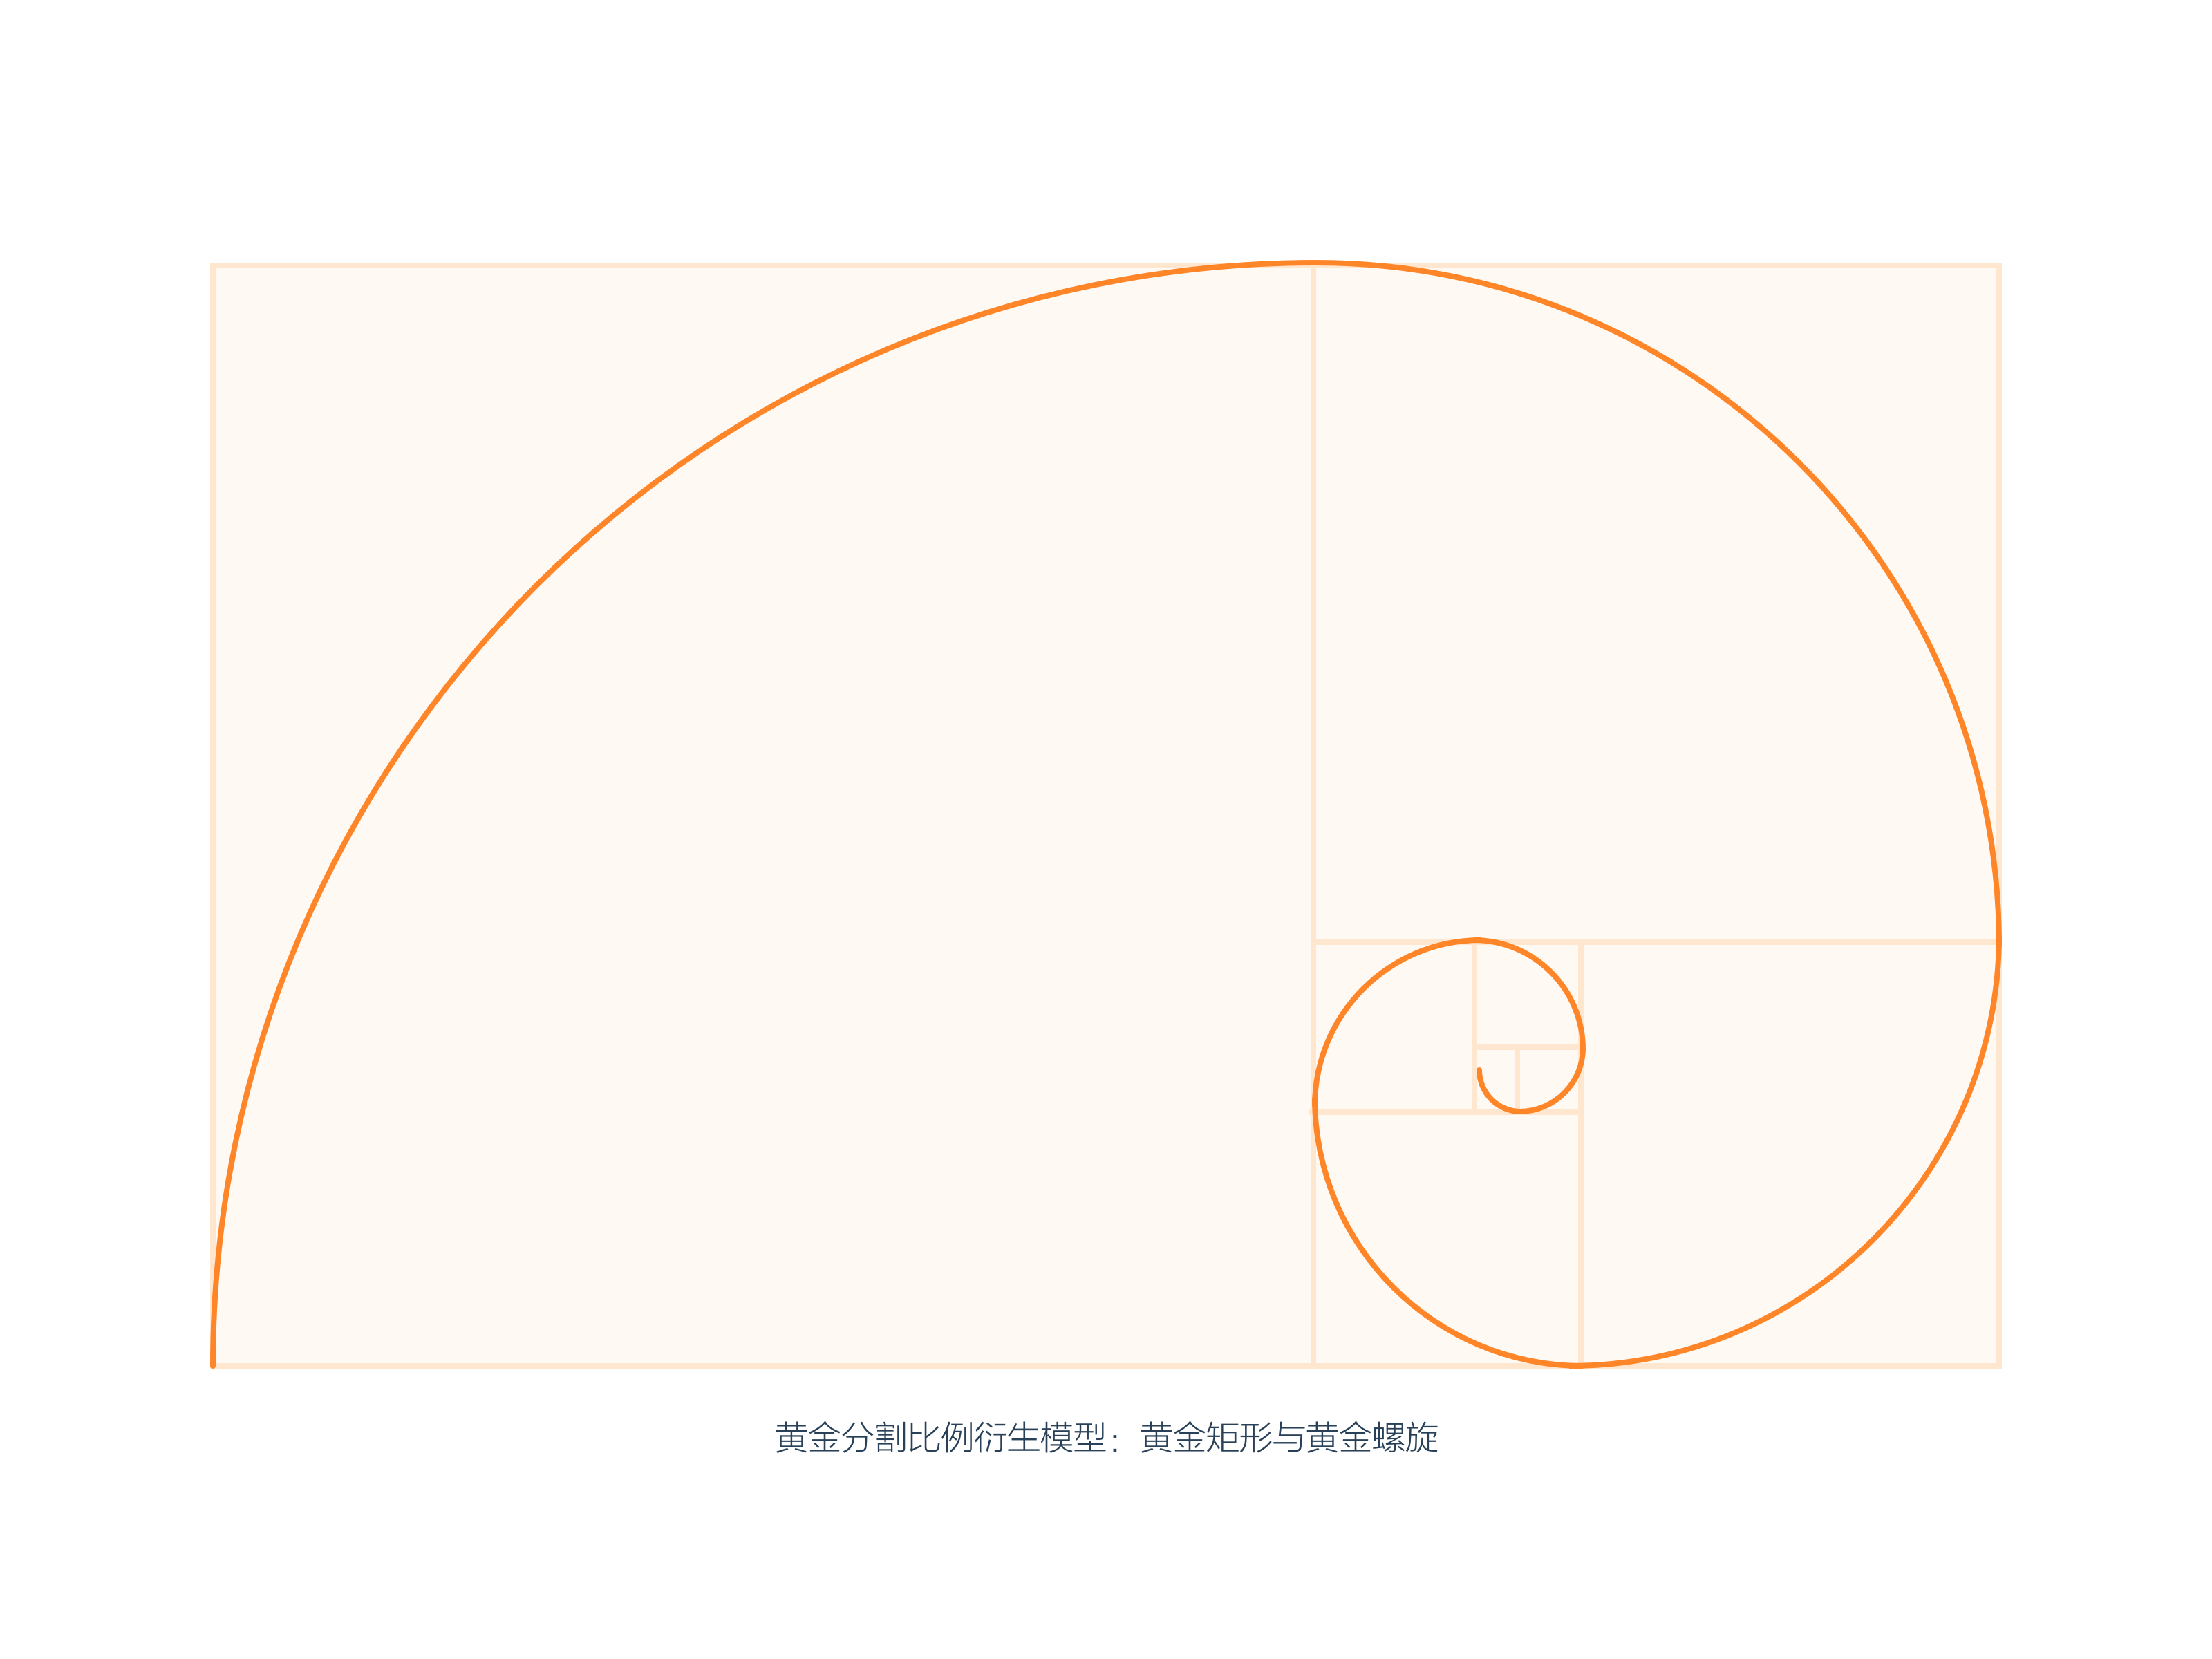 黄金分割比例还衍生两个新的视觉模型——图片